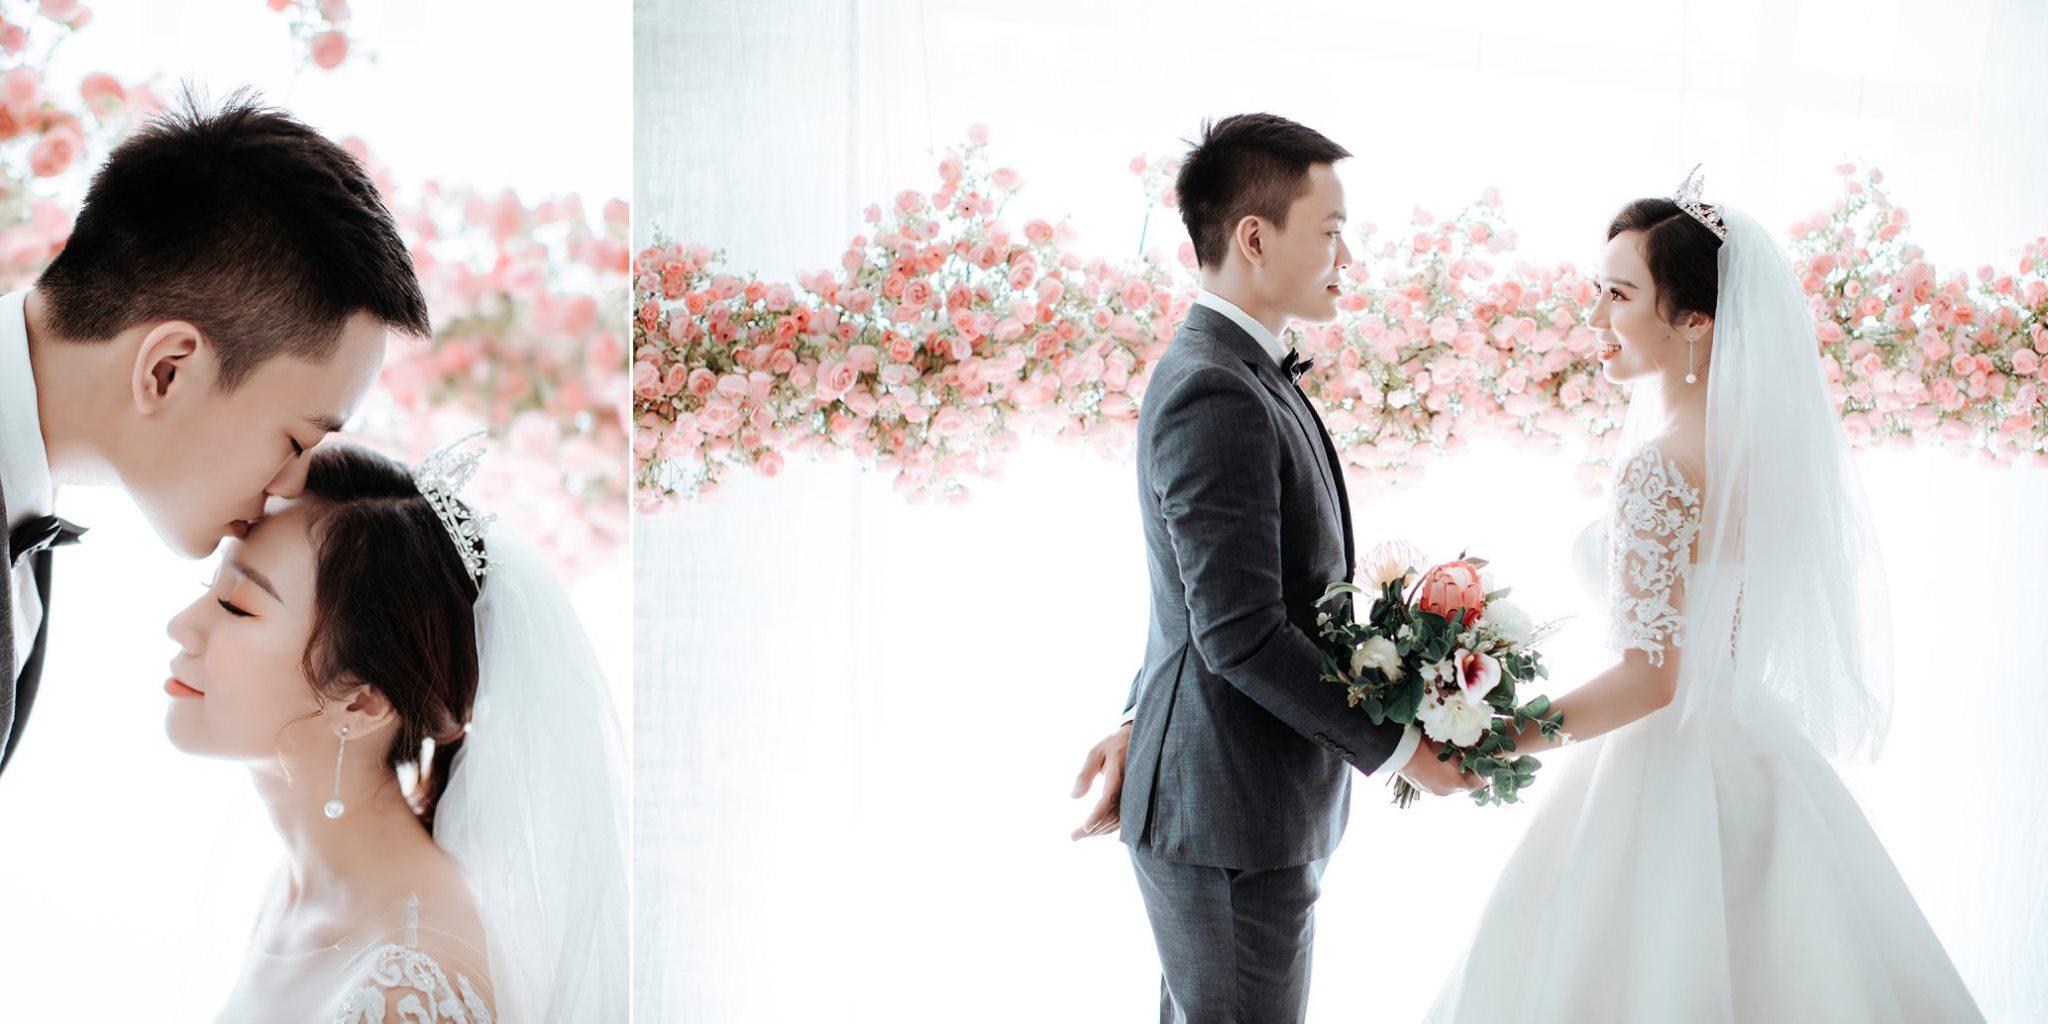 Xếp hạng 5 Studio chụp ảnh cưới đẹp nhất Lâm Đồng -  Áo Cưới Ngọc Sơn